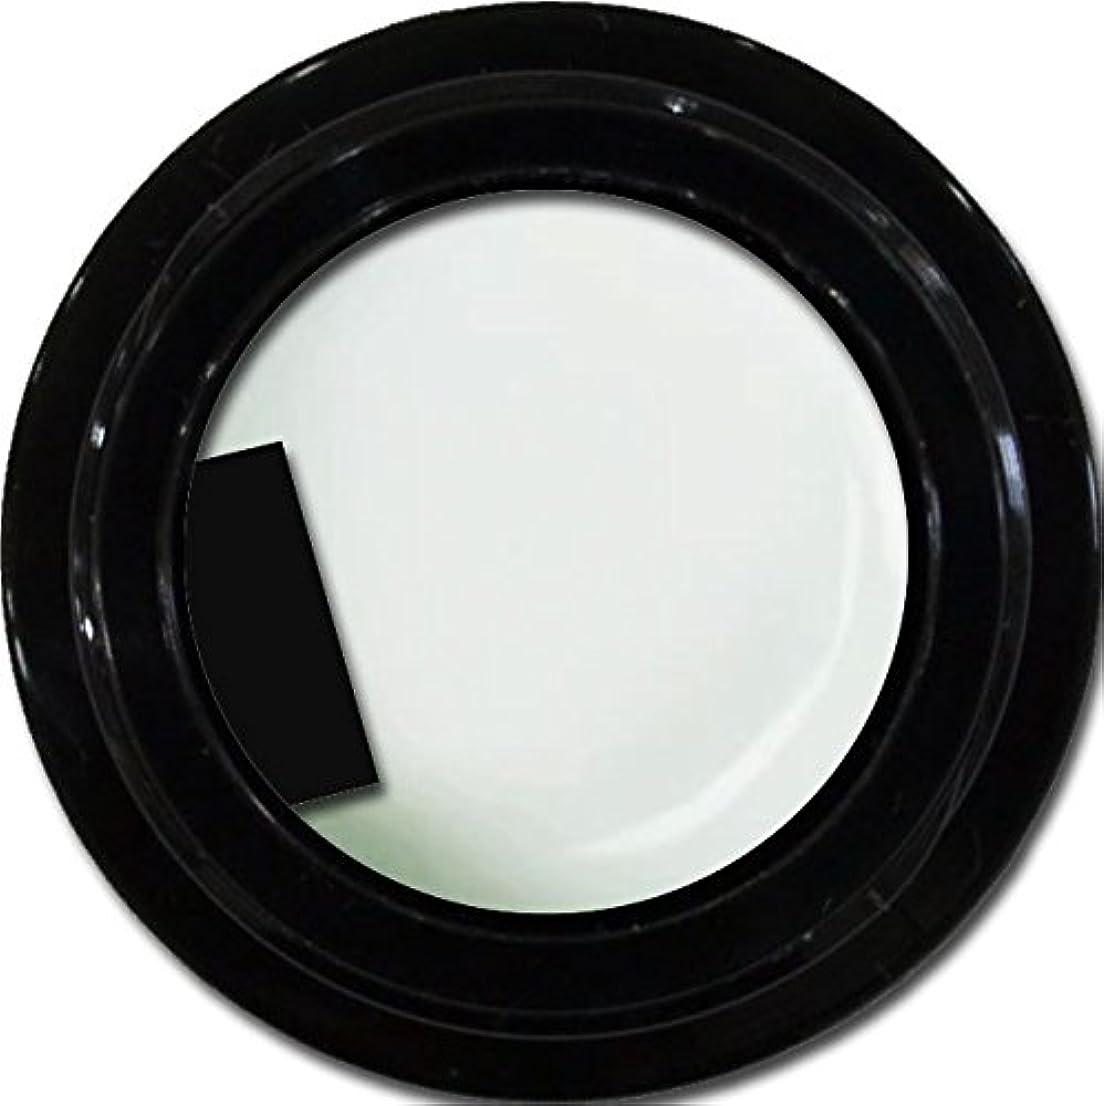 供給スナップ合唱団カラージェル enchant gel color gel S001 sheer White 3g/ エンチャントジェル カラージェル S001シアーホワイト 3グラム